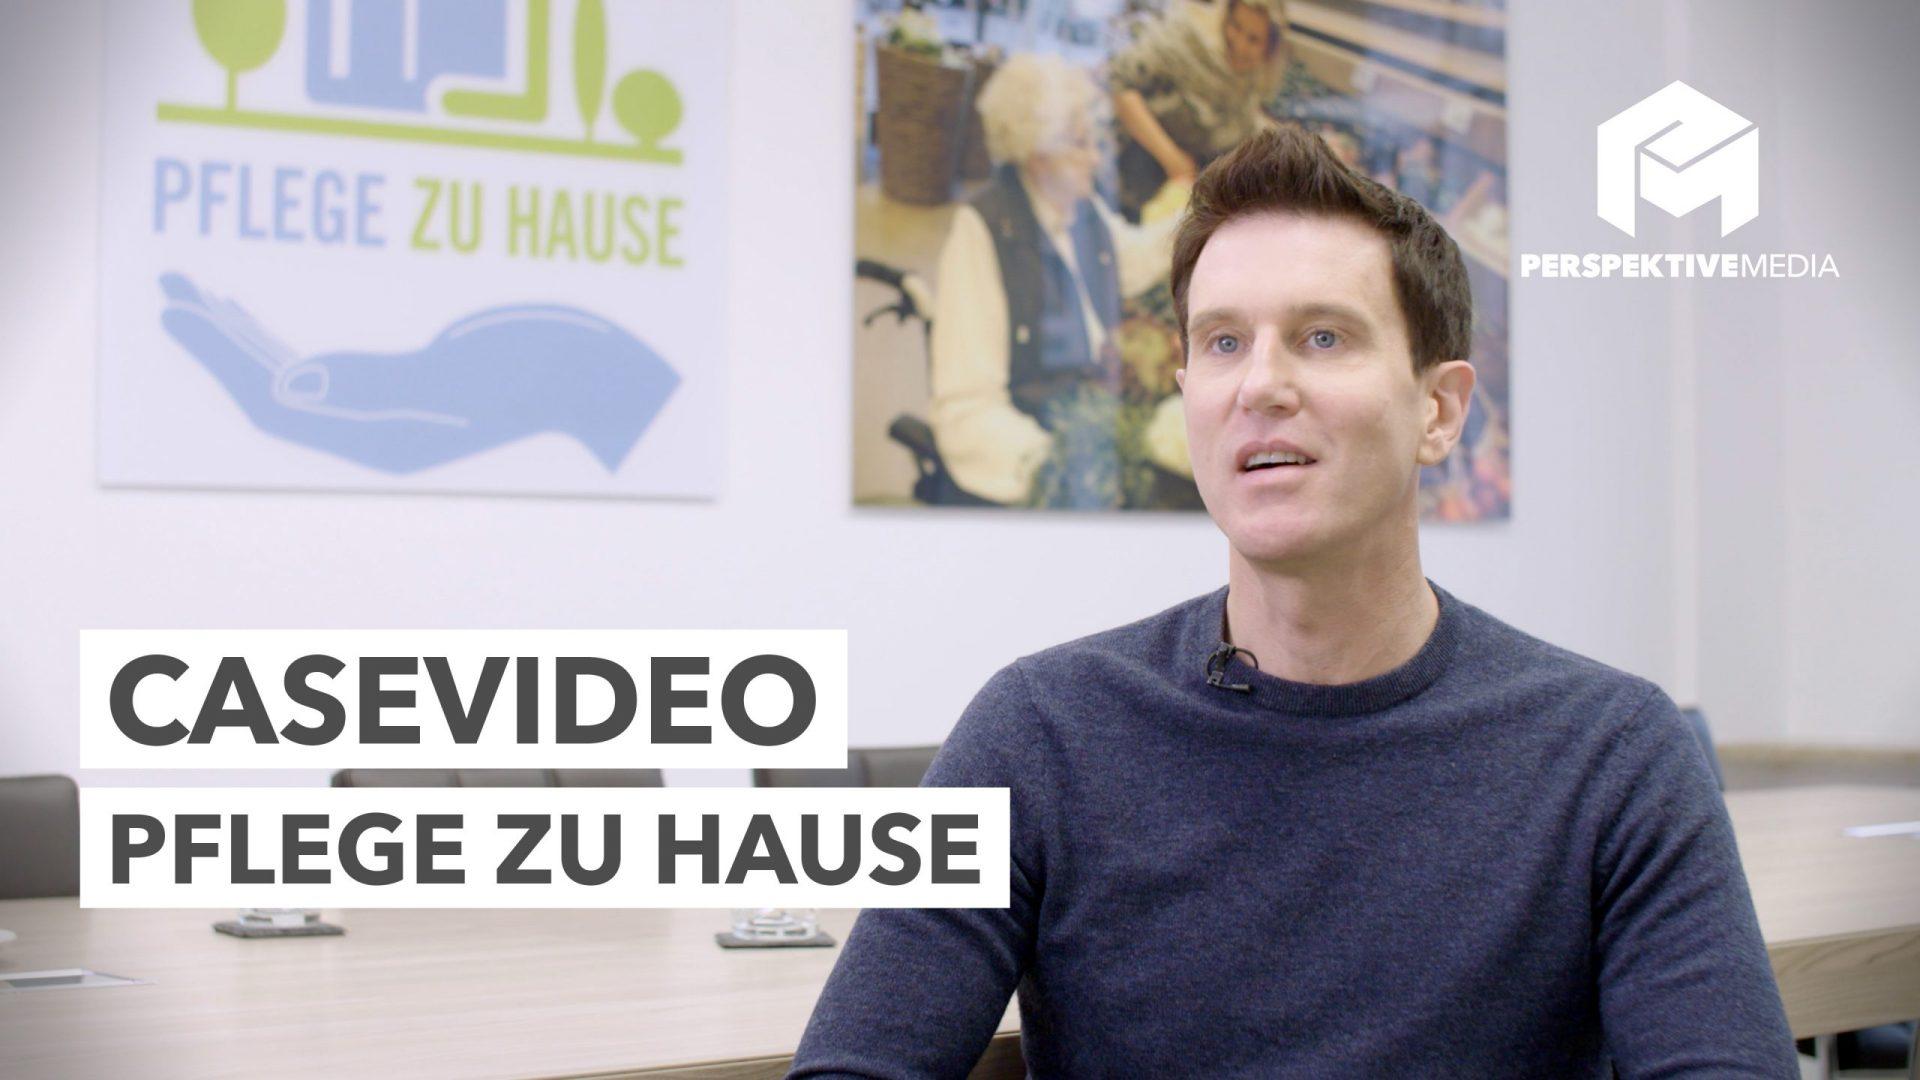 Casevideo_Pflege Zu Hause